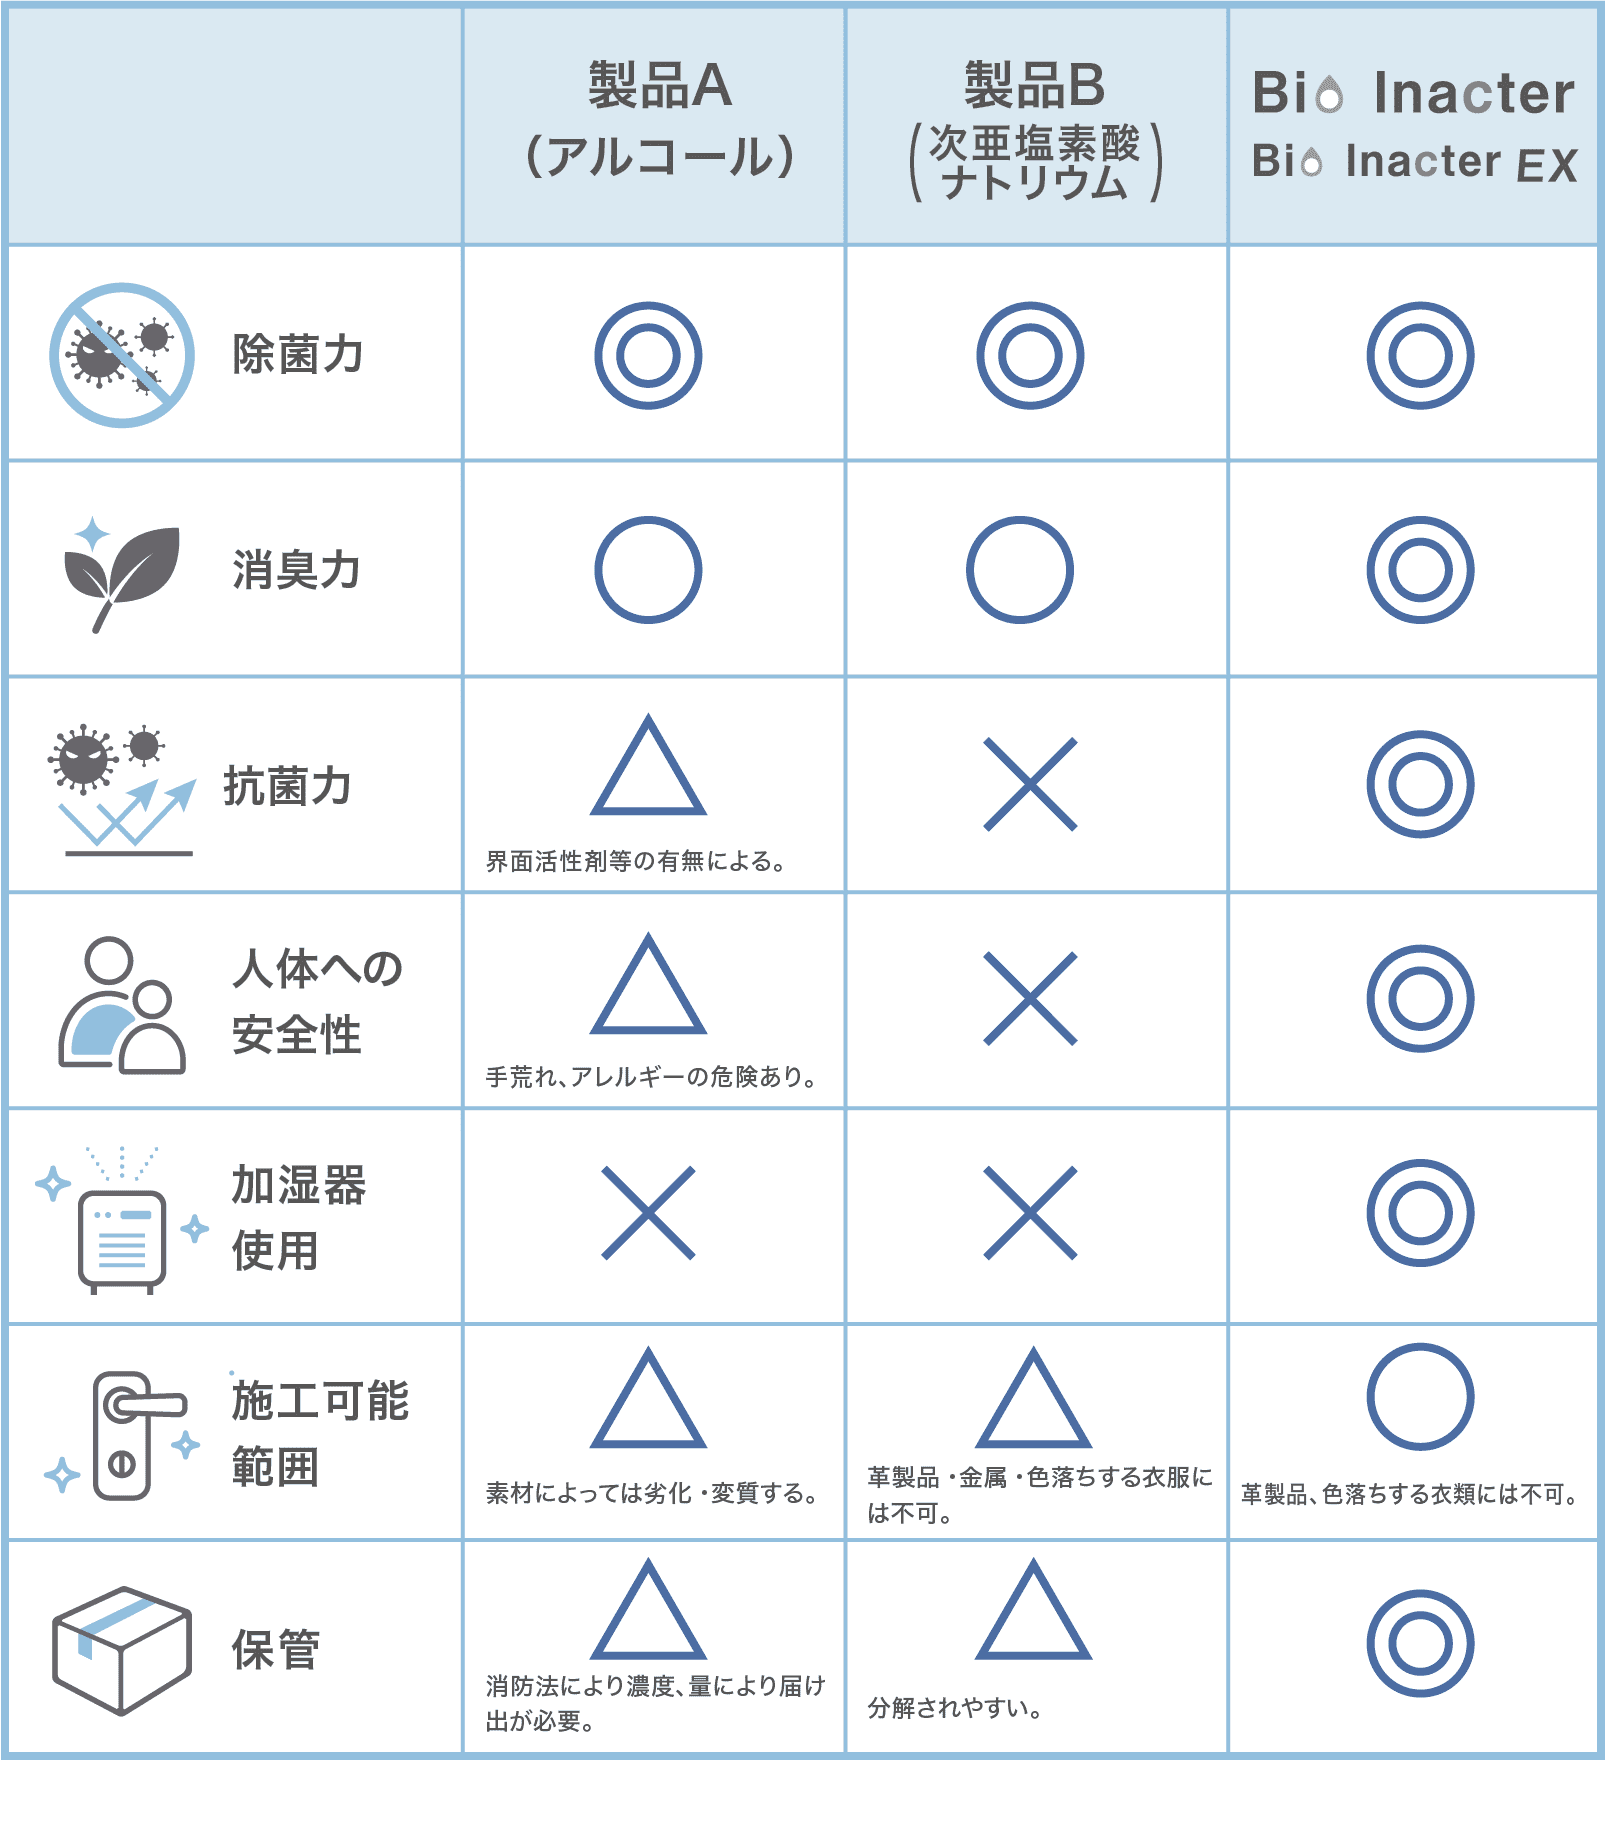 他製品との違いの表